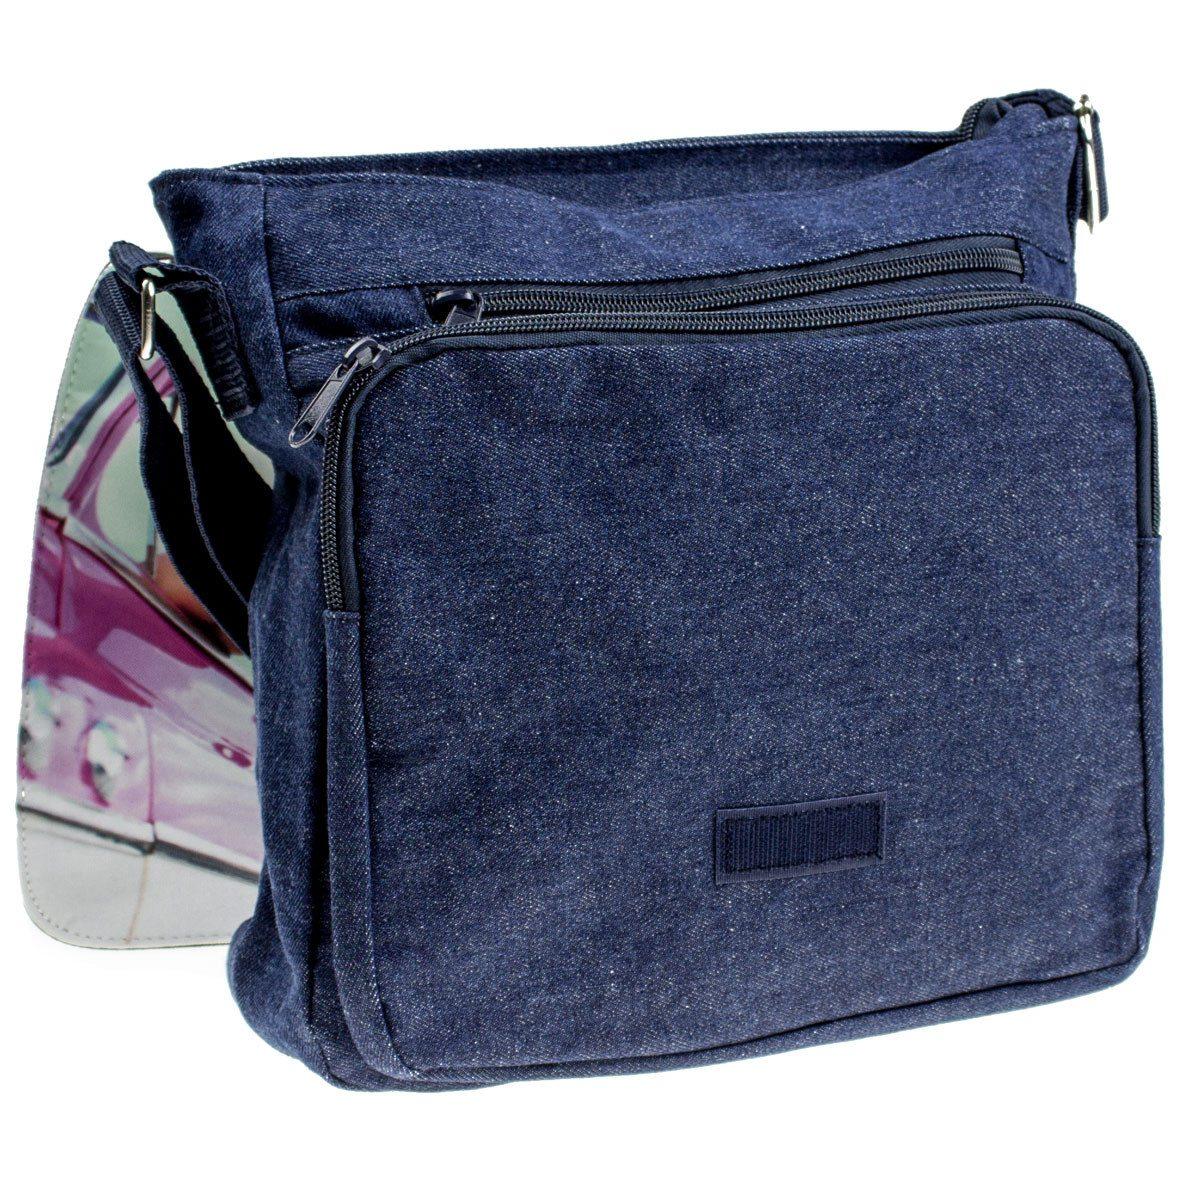 Schultertaschen mit persönlichem Fotodruck - Jeans